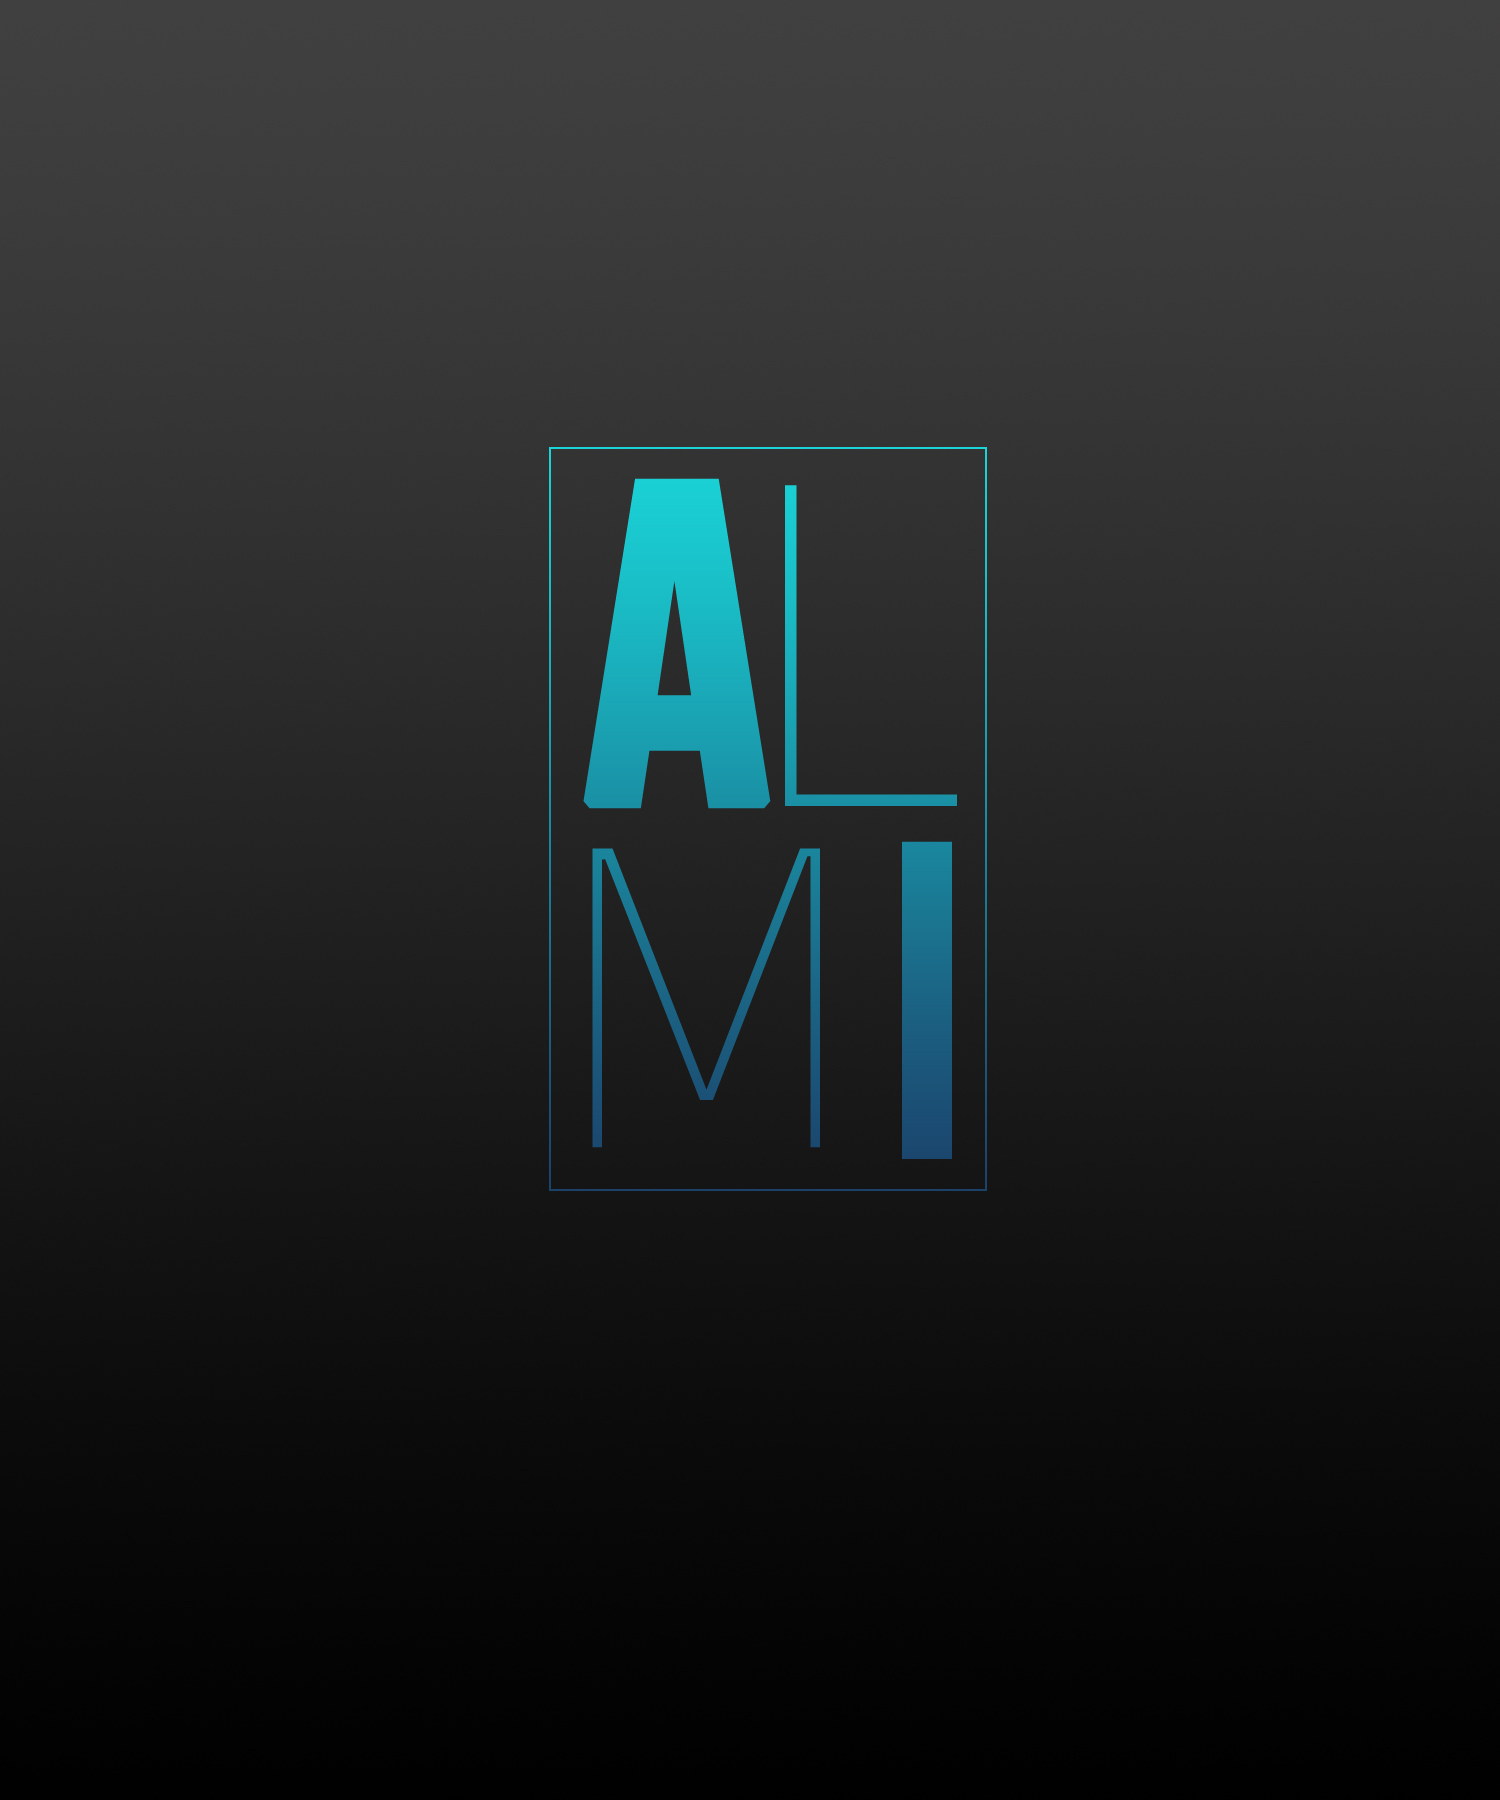 Разработка логотипа и фона фото f_084598ebf034f28c.jpg